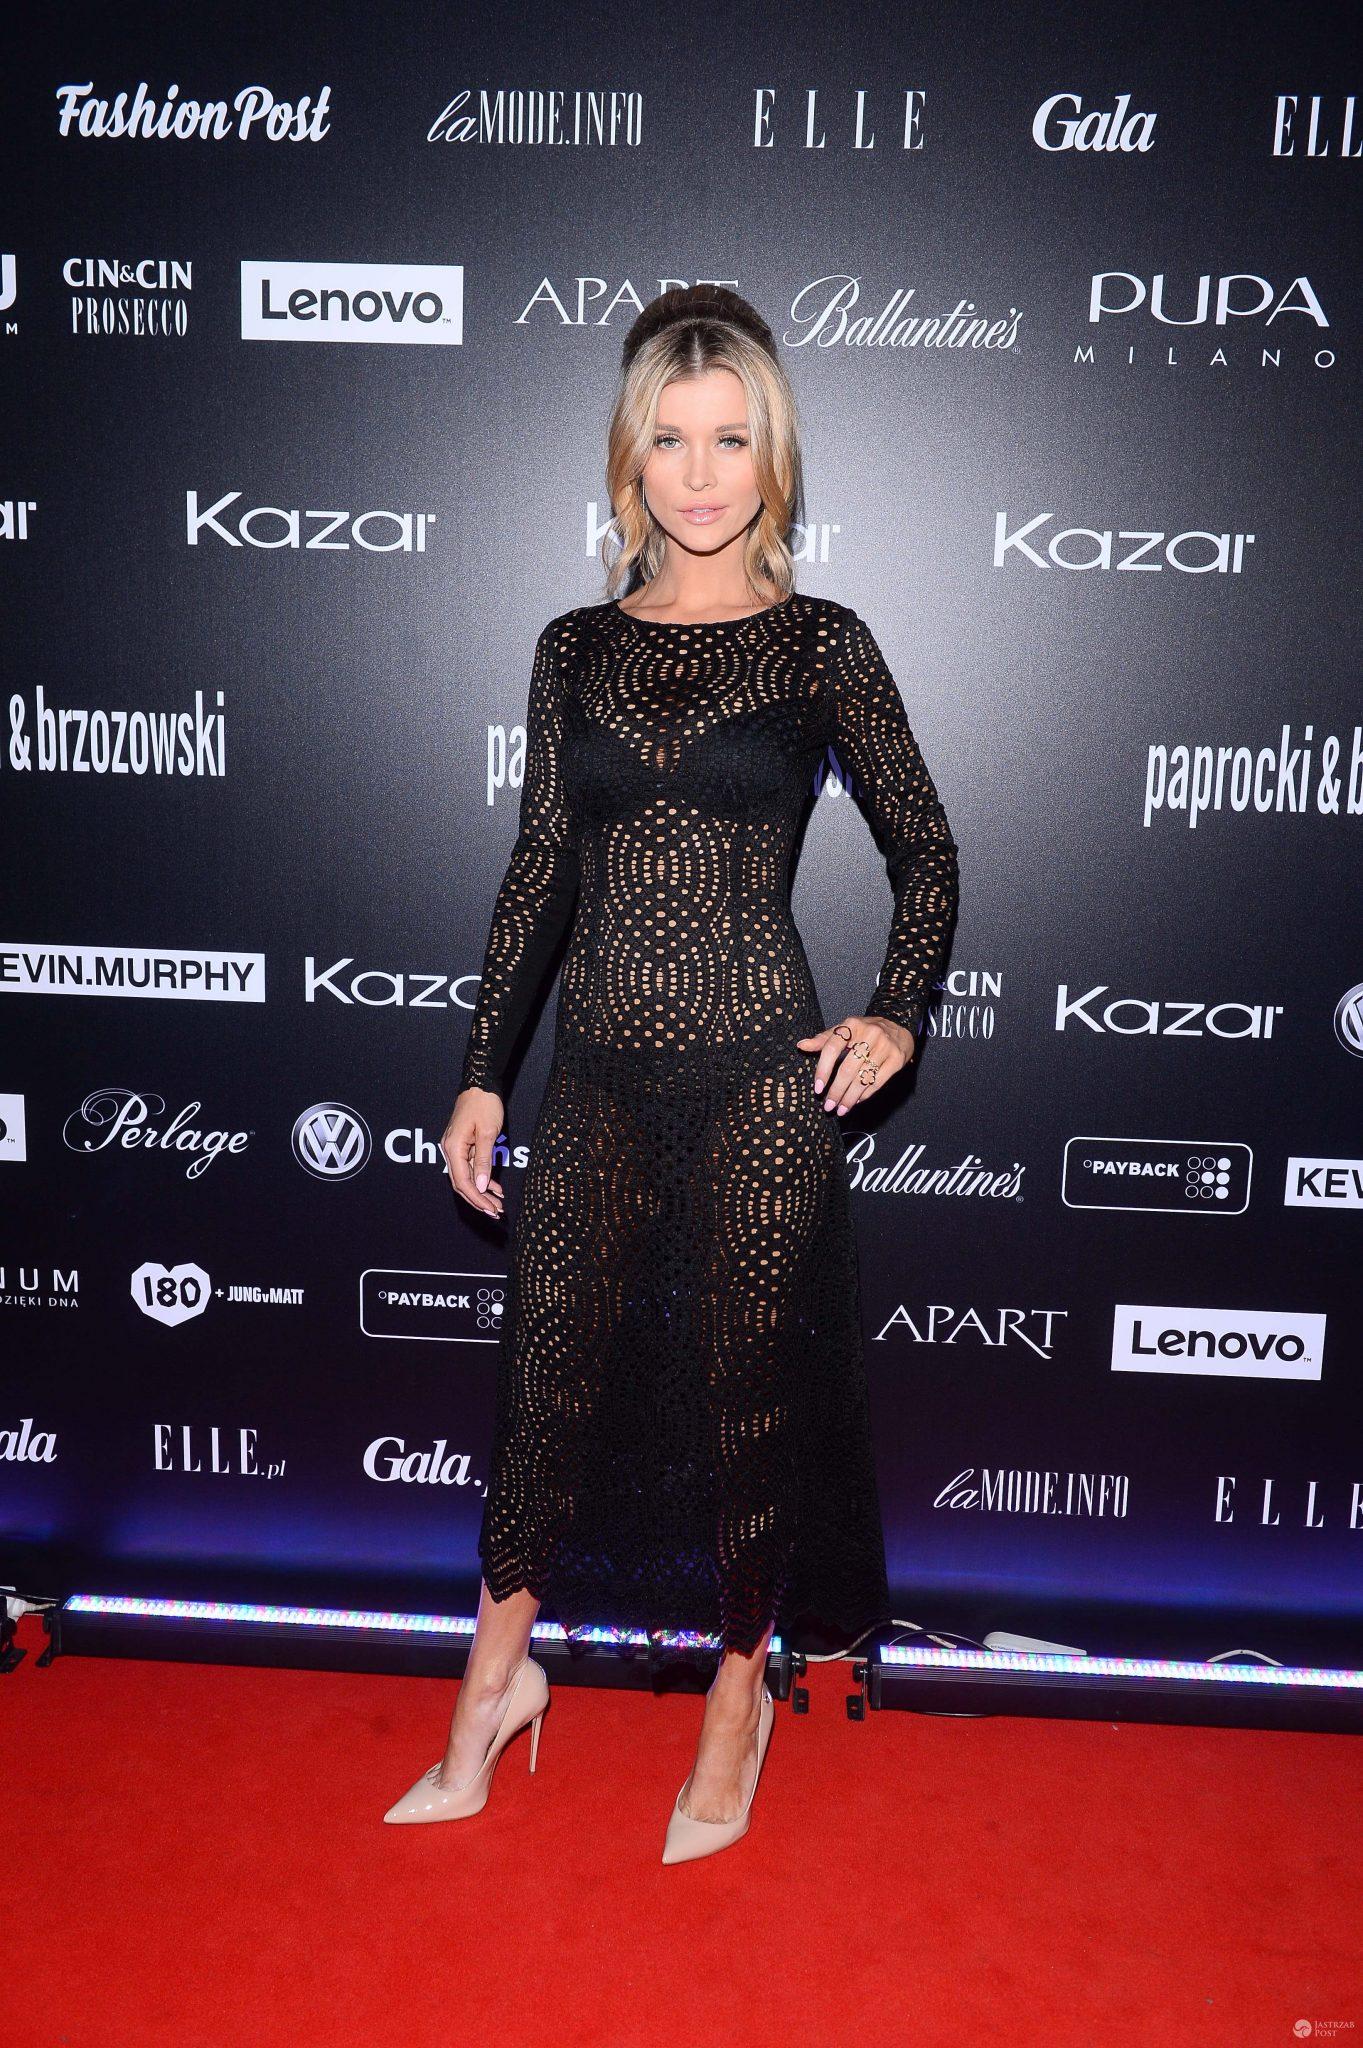 Joanna Krupa - Pokaz Paprocki & Brzozowski i Kazar 2017